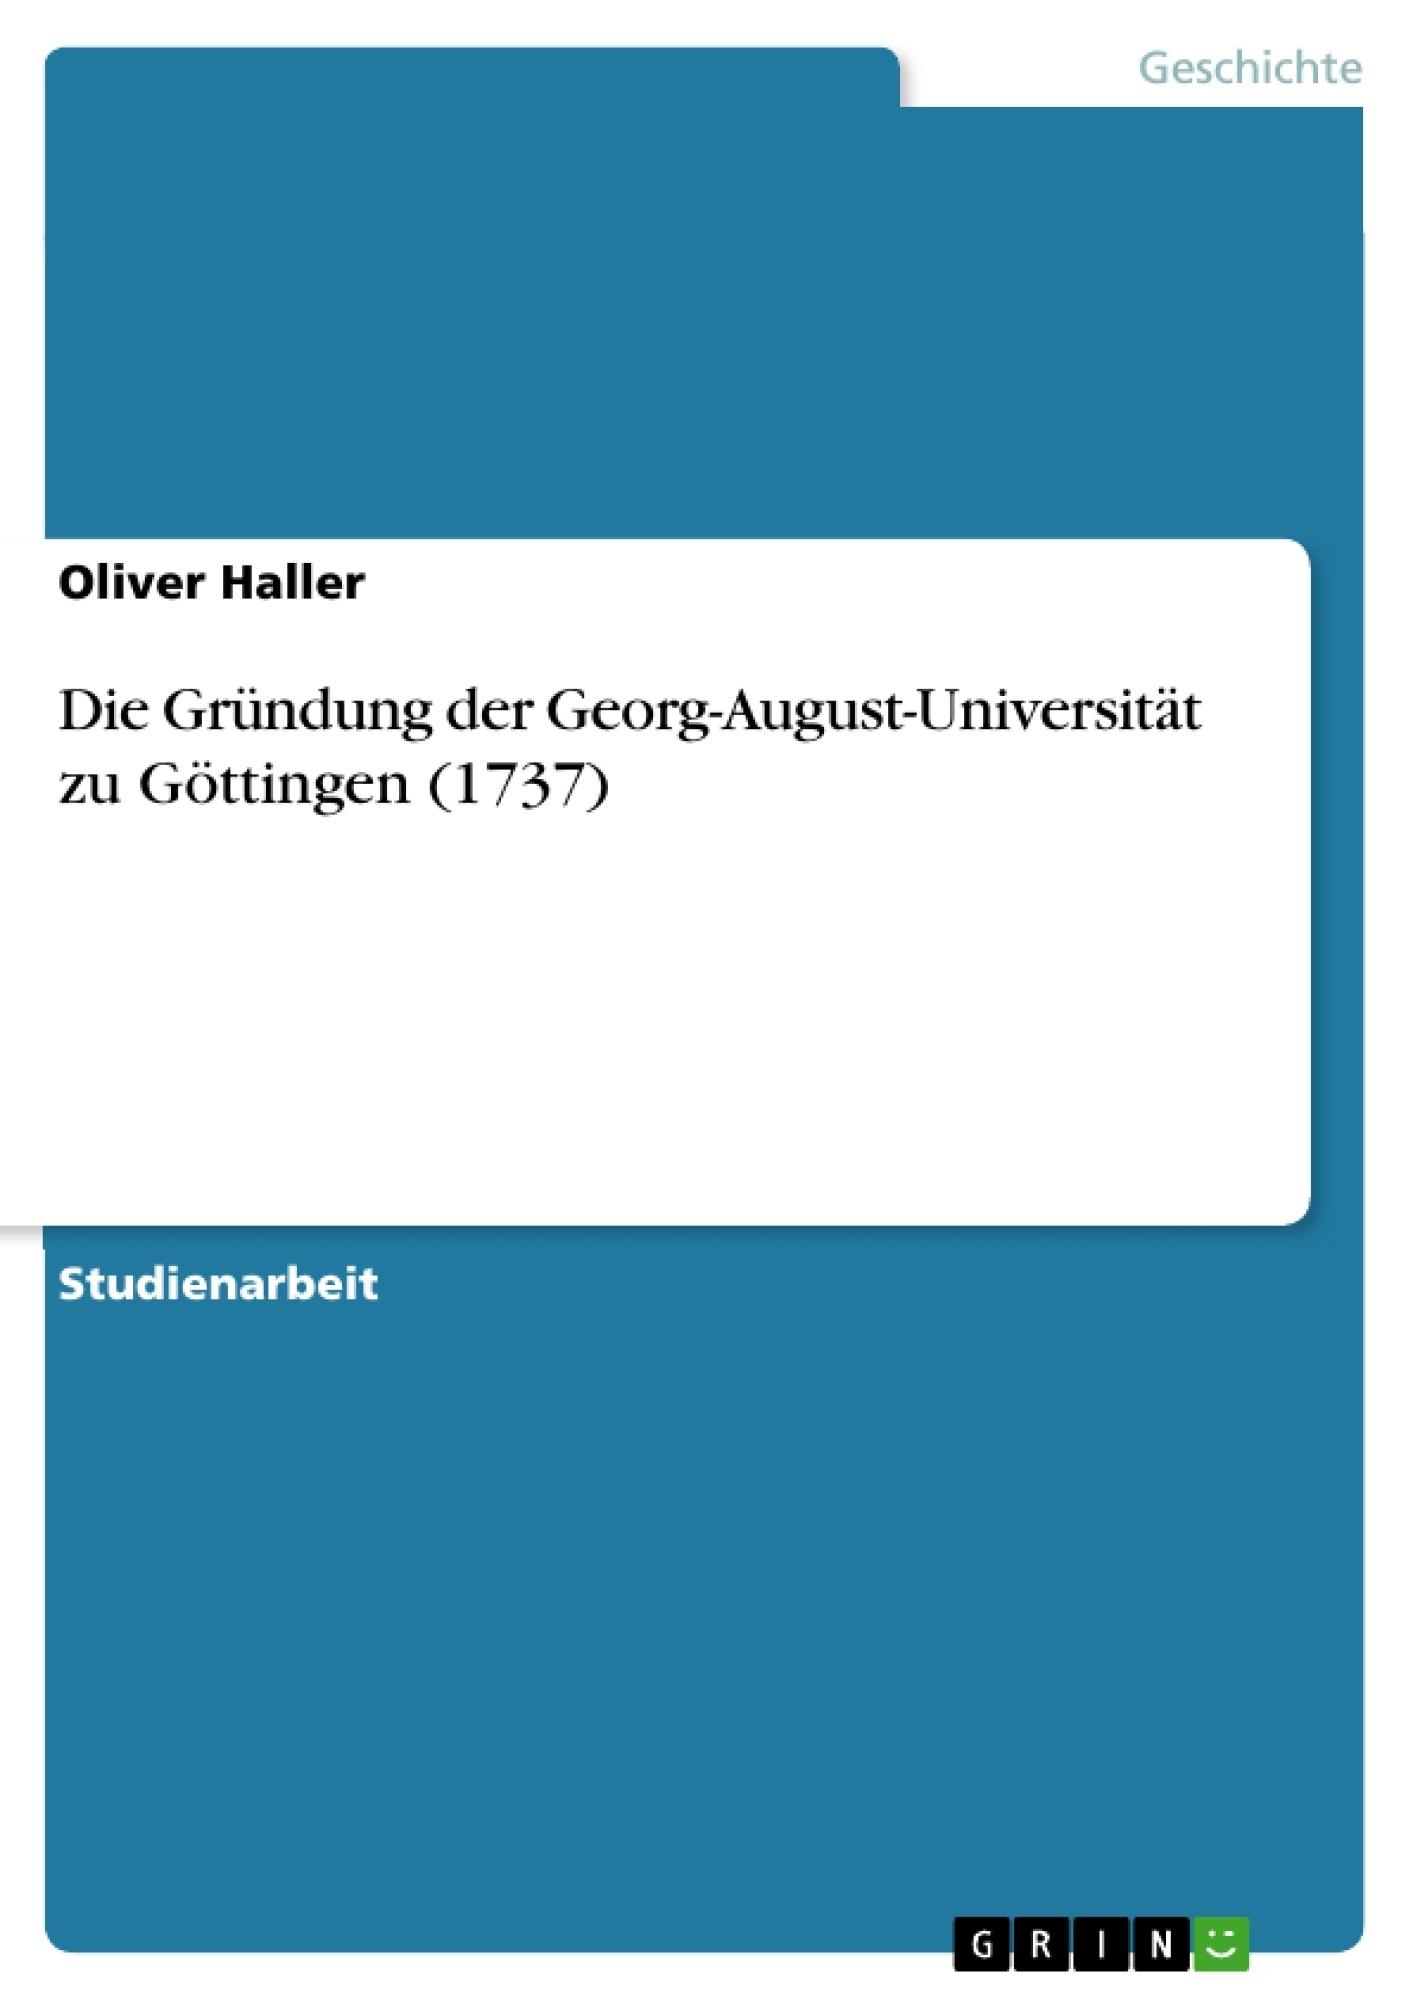 Titel: Die Gründung der Georg-August-Universität zu Göttingen (1737)